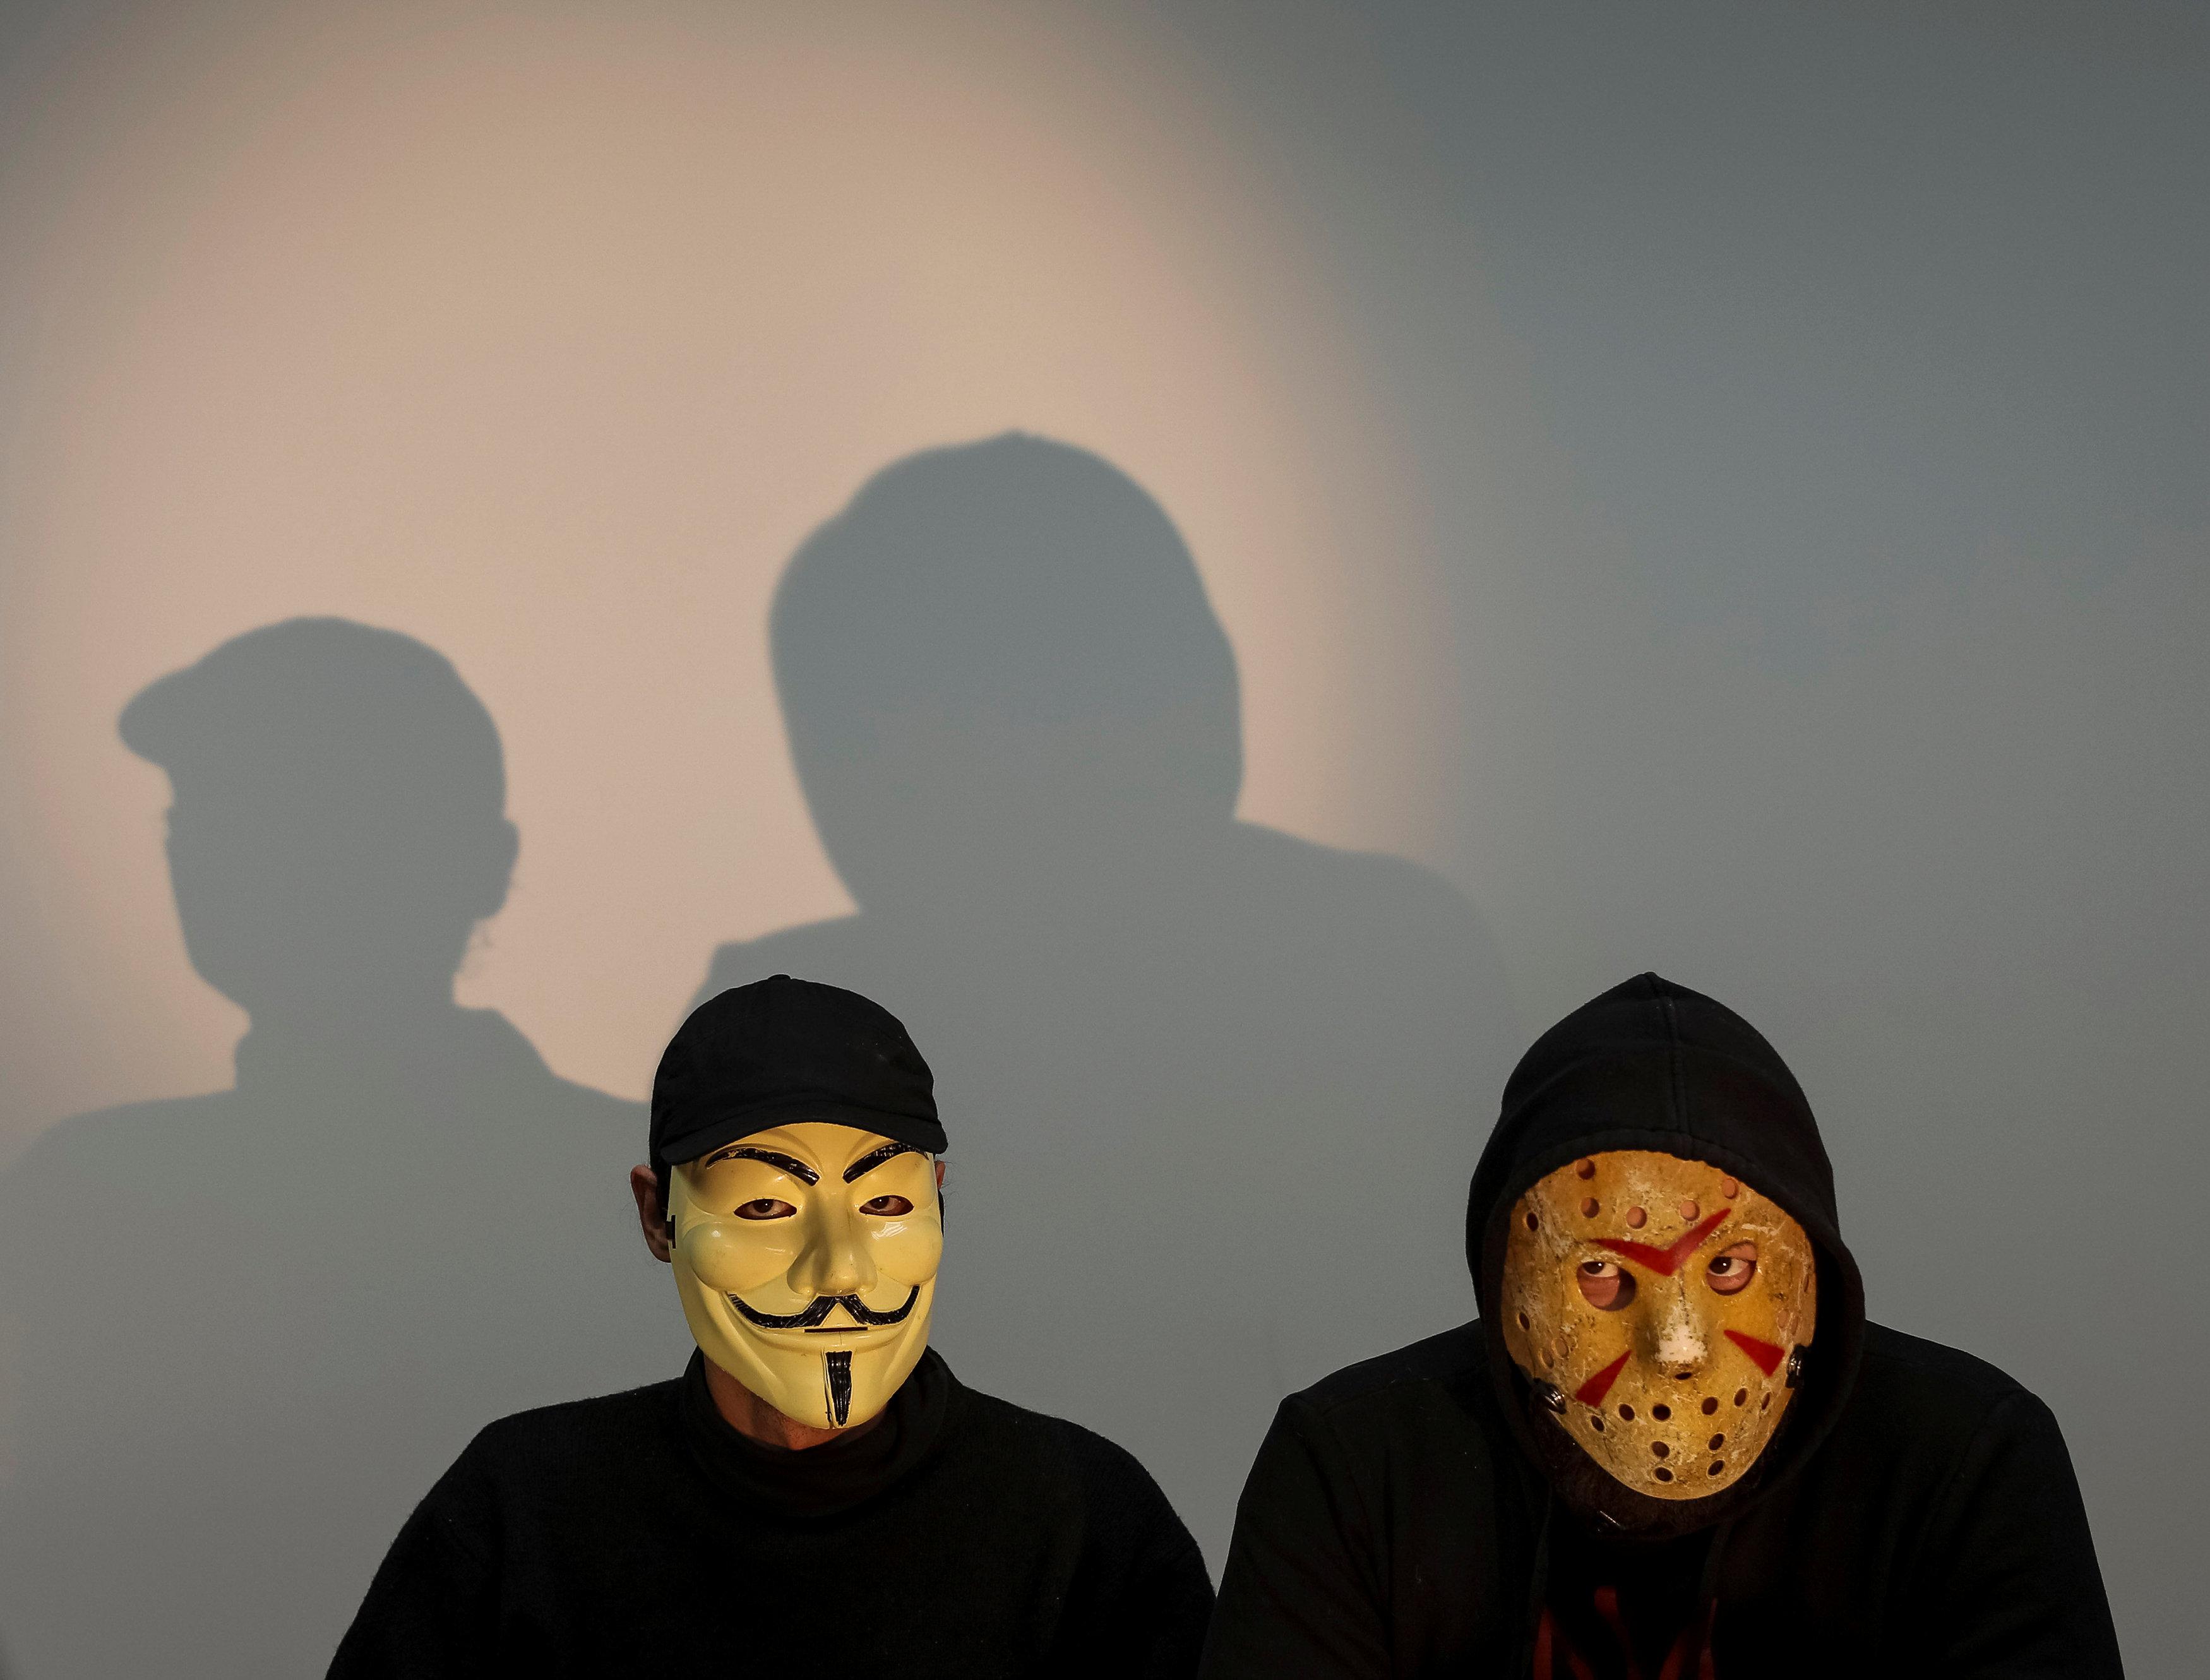 Вминистерстве внутренней безопасности США посоветовали посодействовать вборьбе свирусом WannaCry